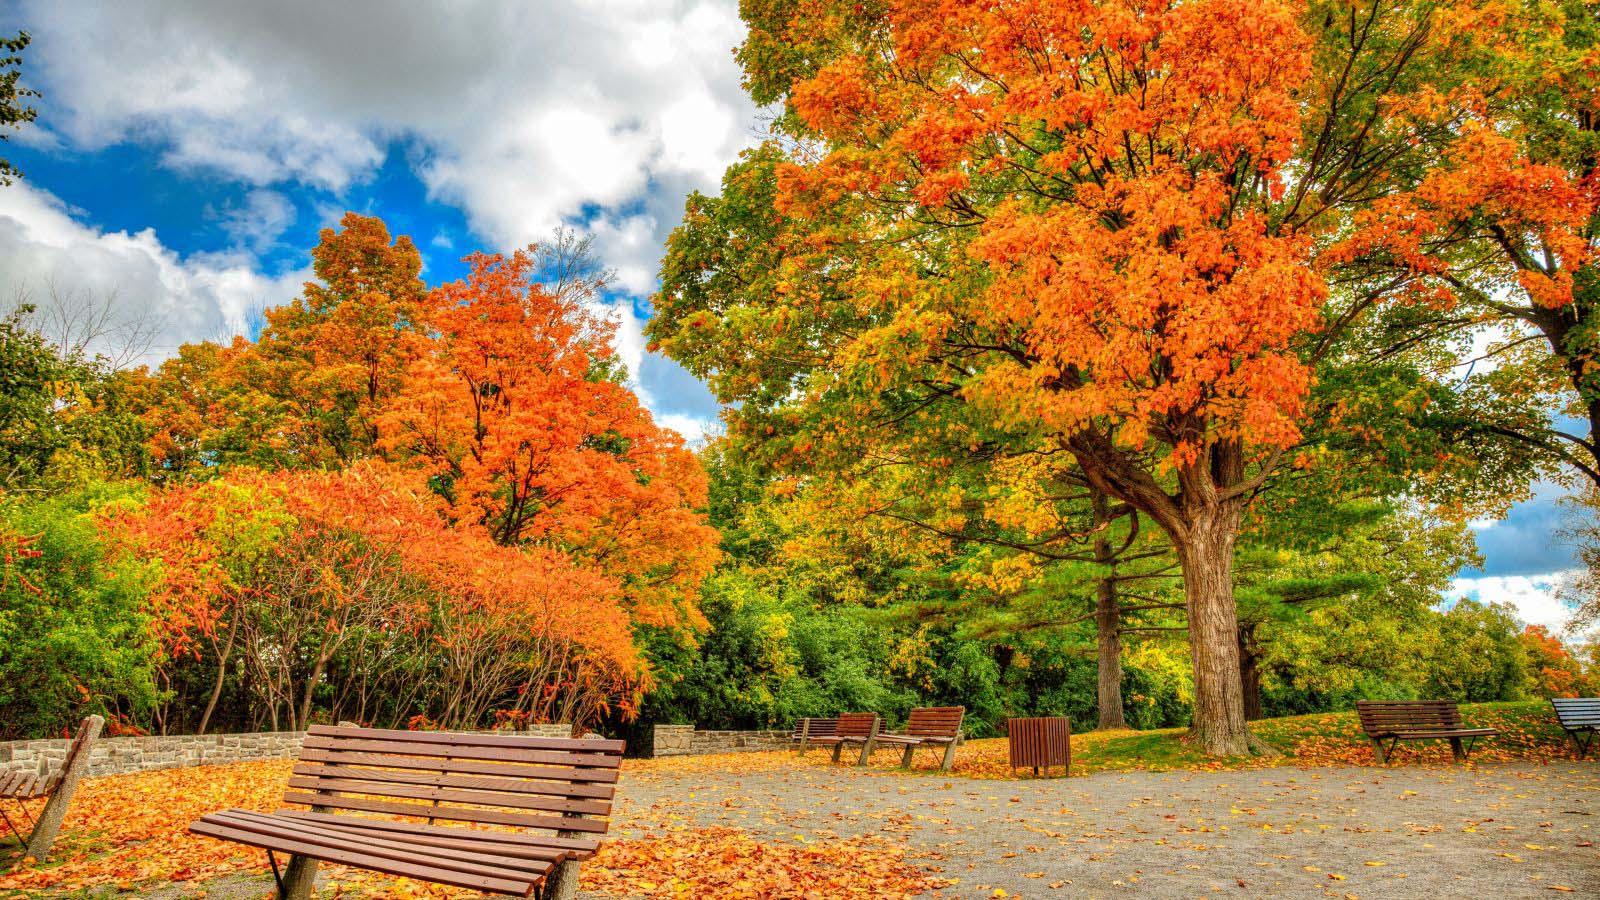 Những ảnh đẹp về mùa thu